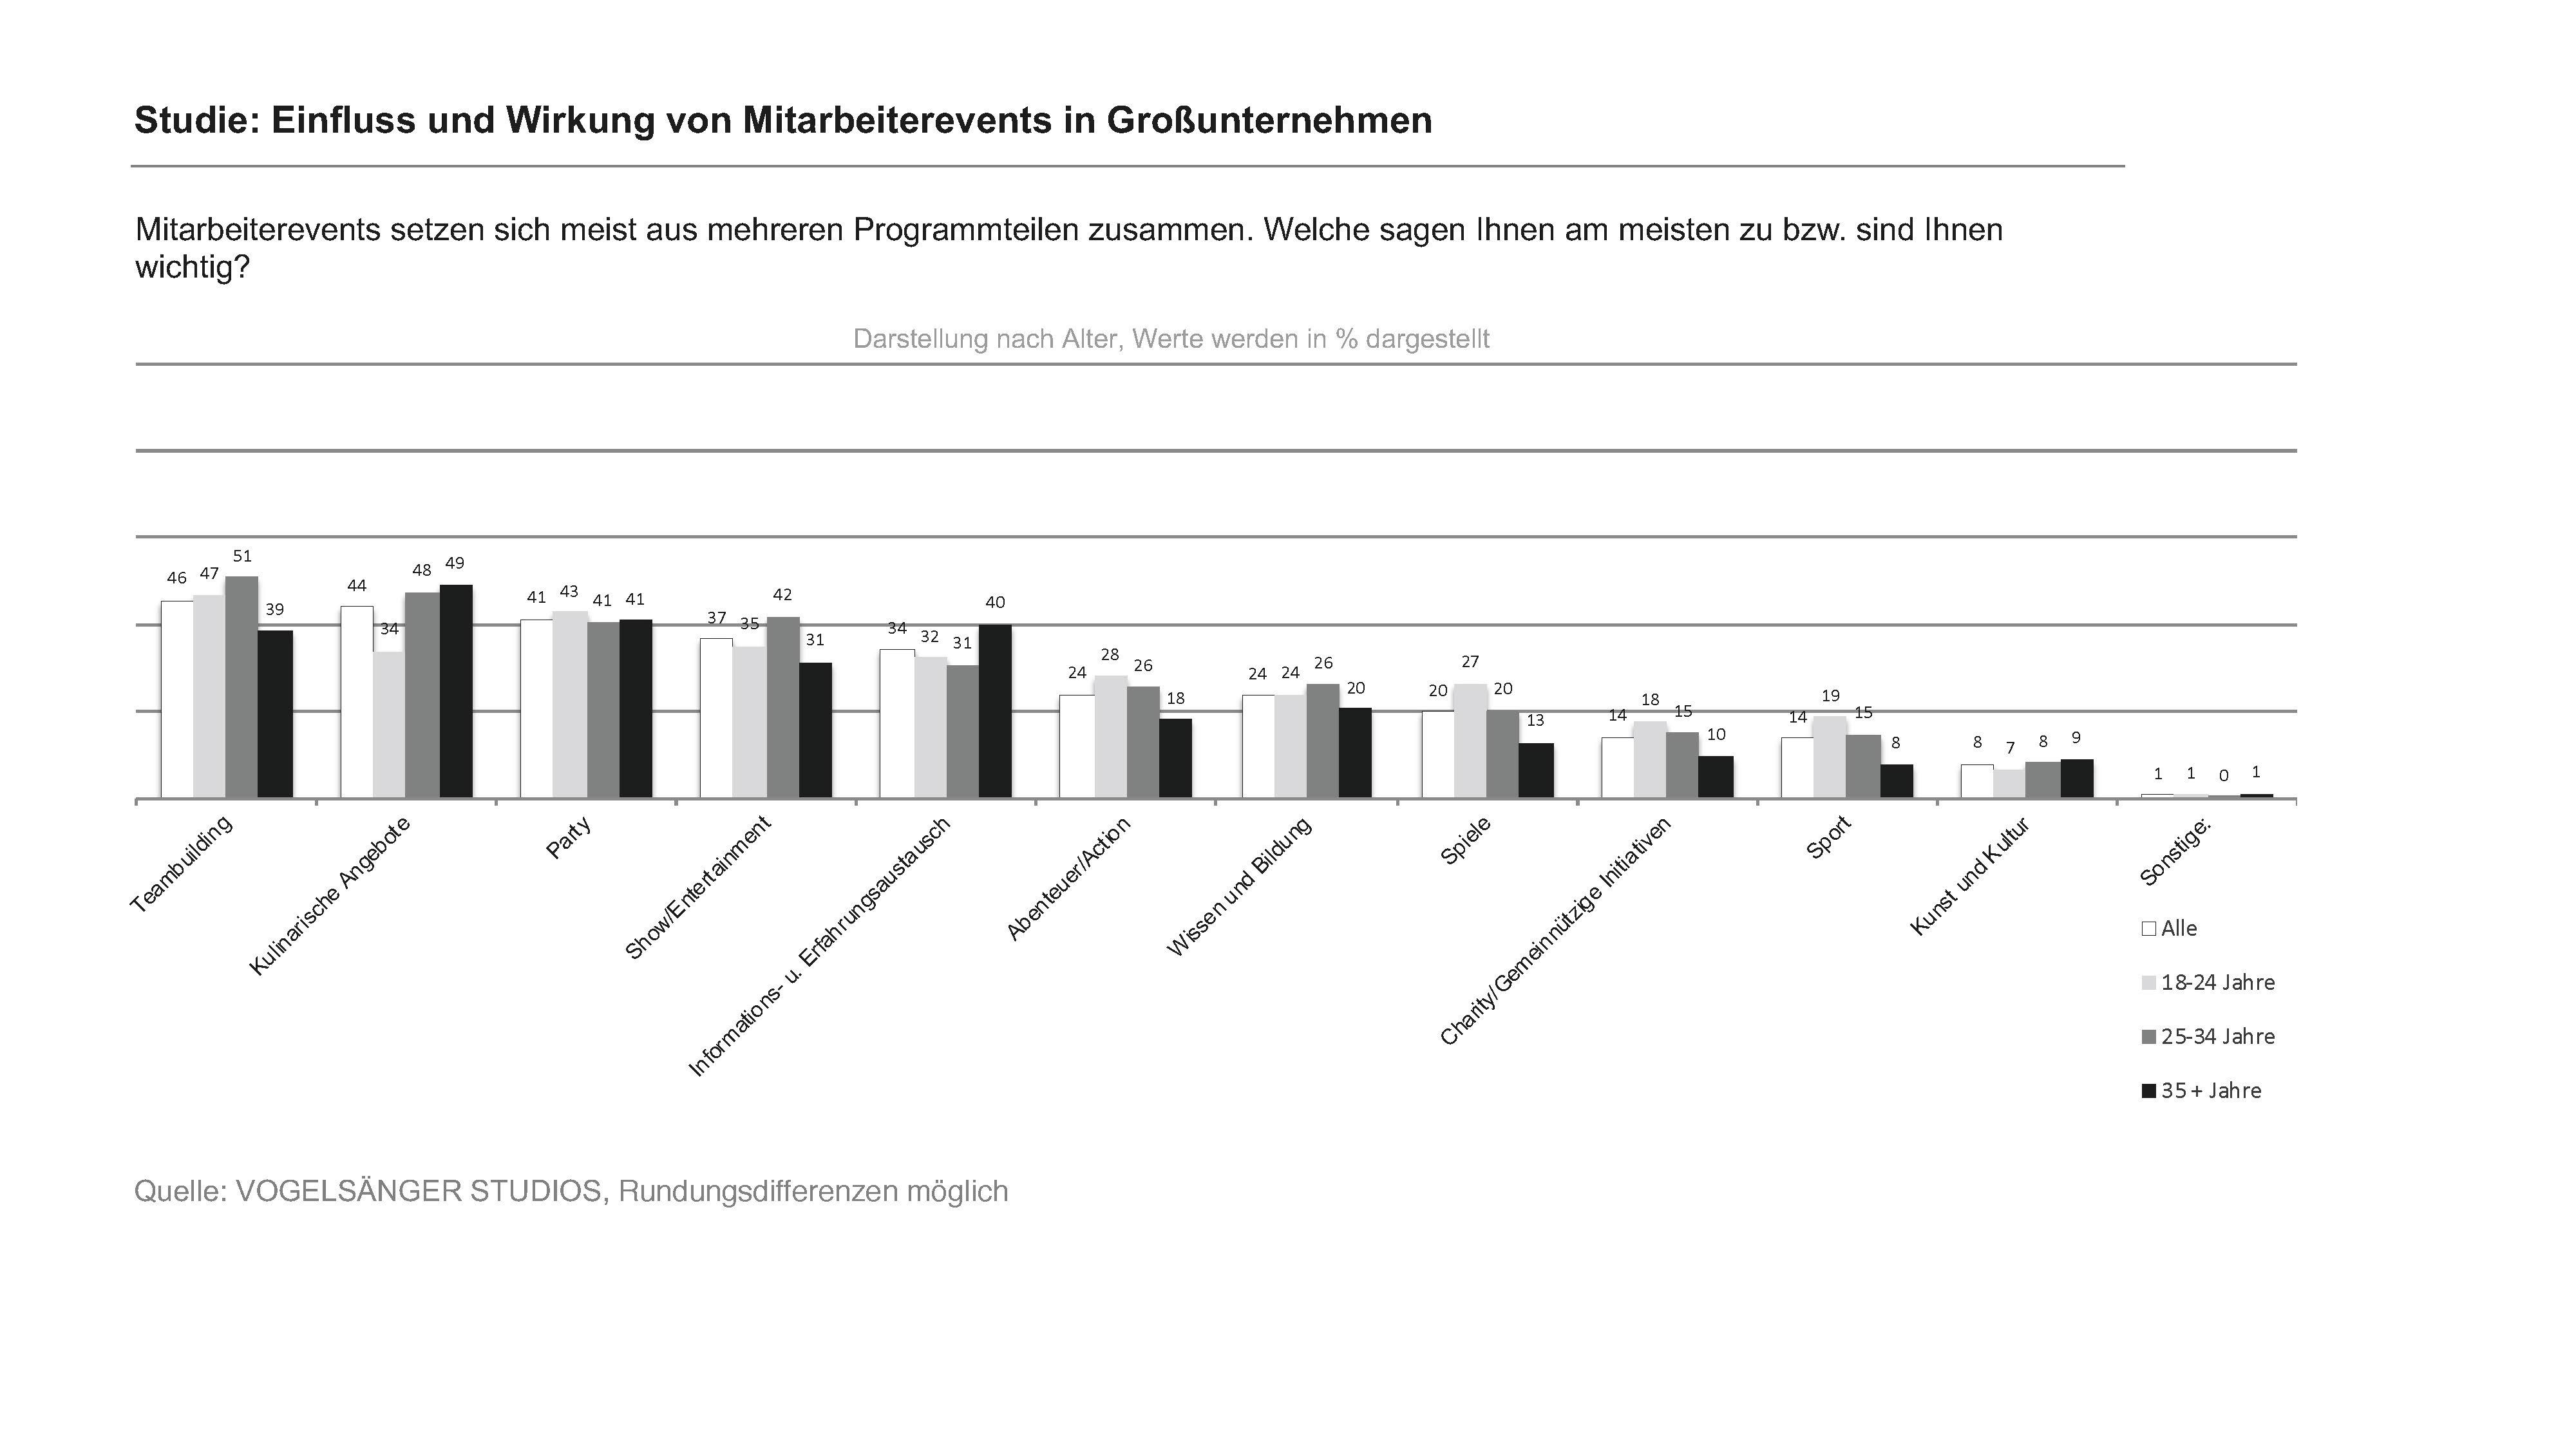 Studie Einfluss und Wirkung von Mitarbeiterevents in Großunternehmen